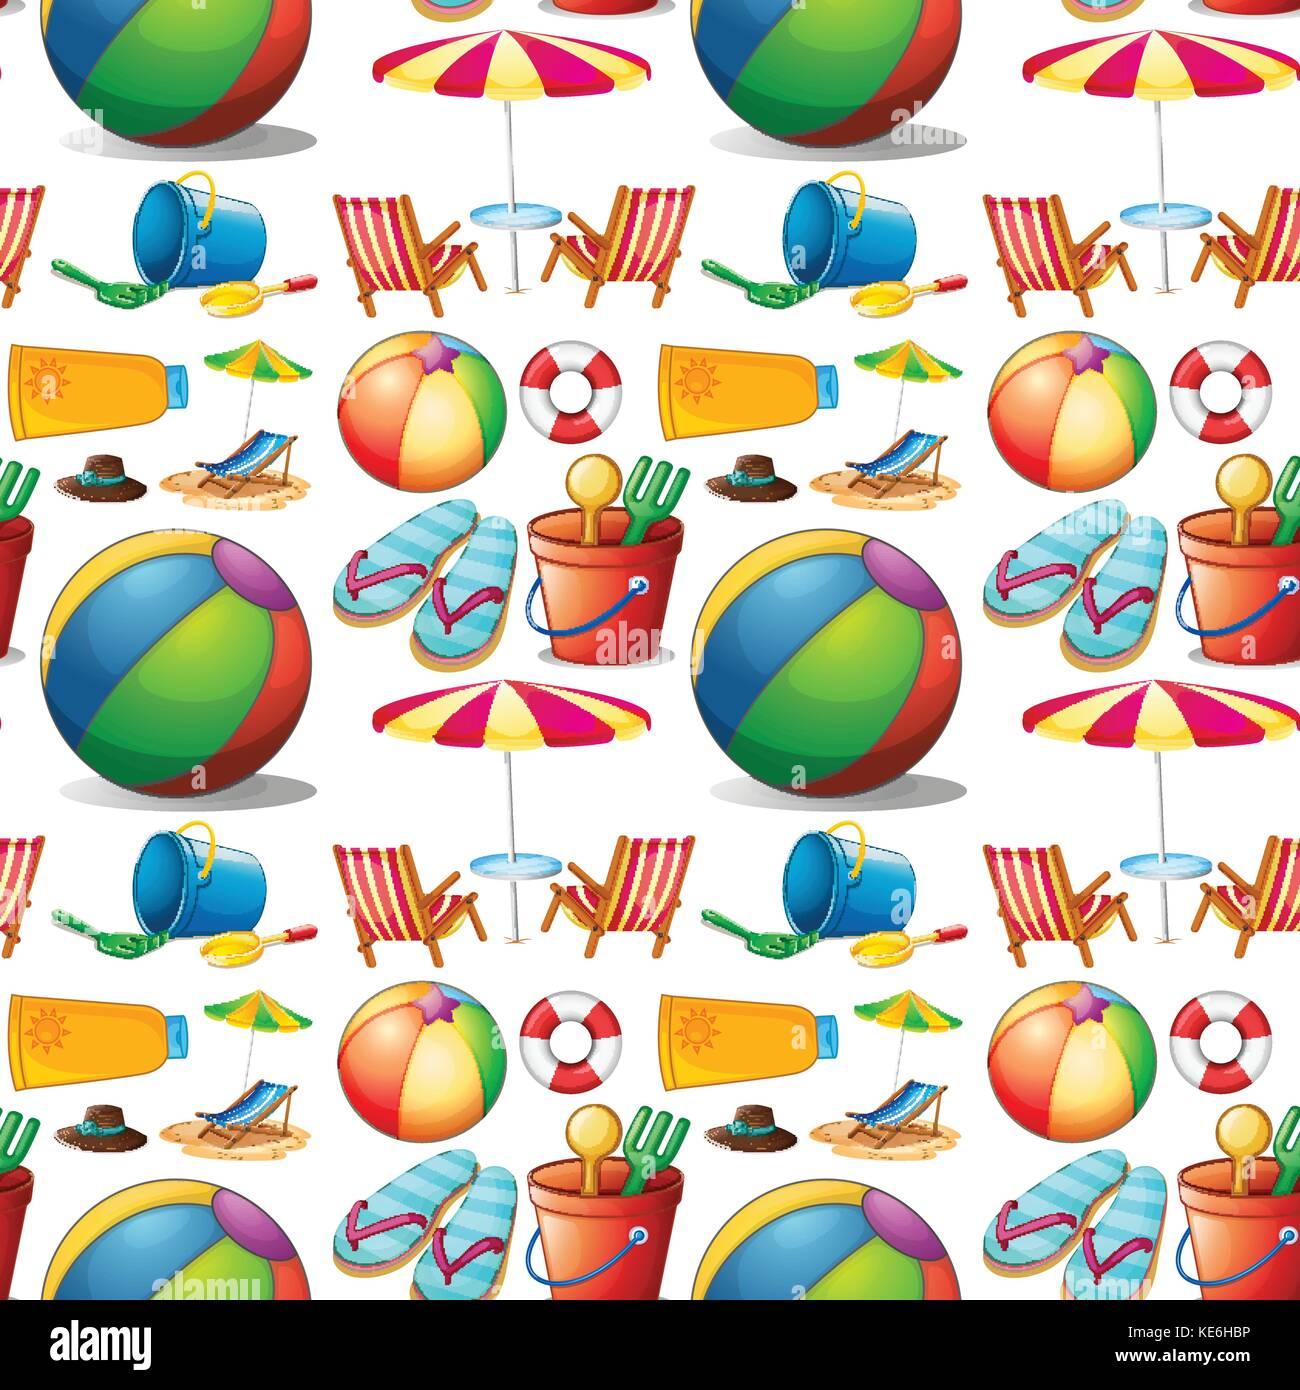 objetos y juguetes de playa perfecta ilustración ilustración del